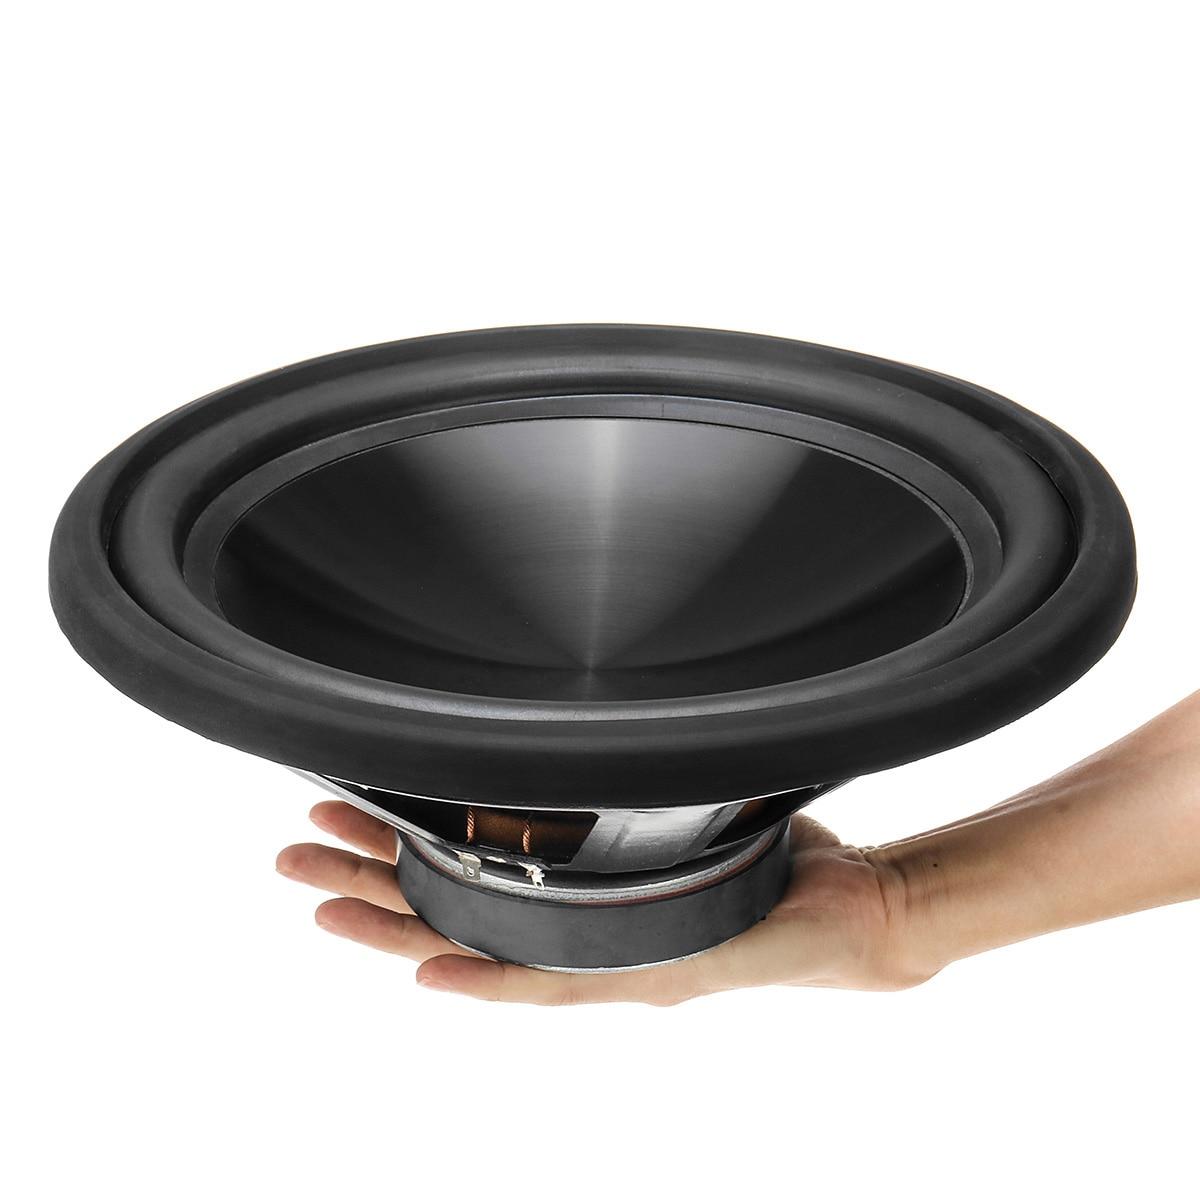 12 pouces 1200 W voiture haut-parleurs Audio haut-parleurs coaxiaux Subwoofer voiture bricolage basse corne musique stéréo Hifi véhicule musique haut-parleur Woofer